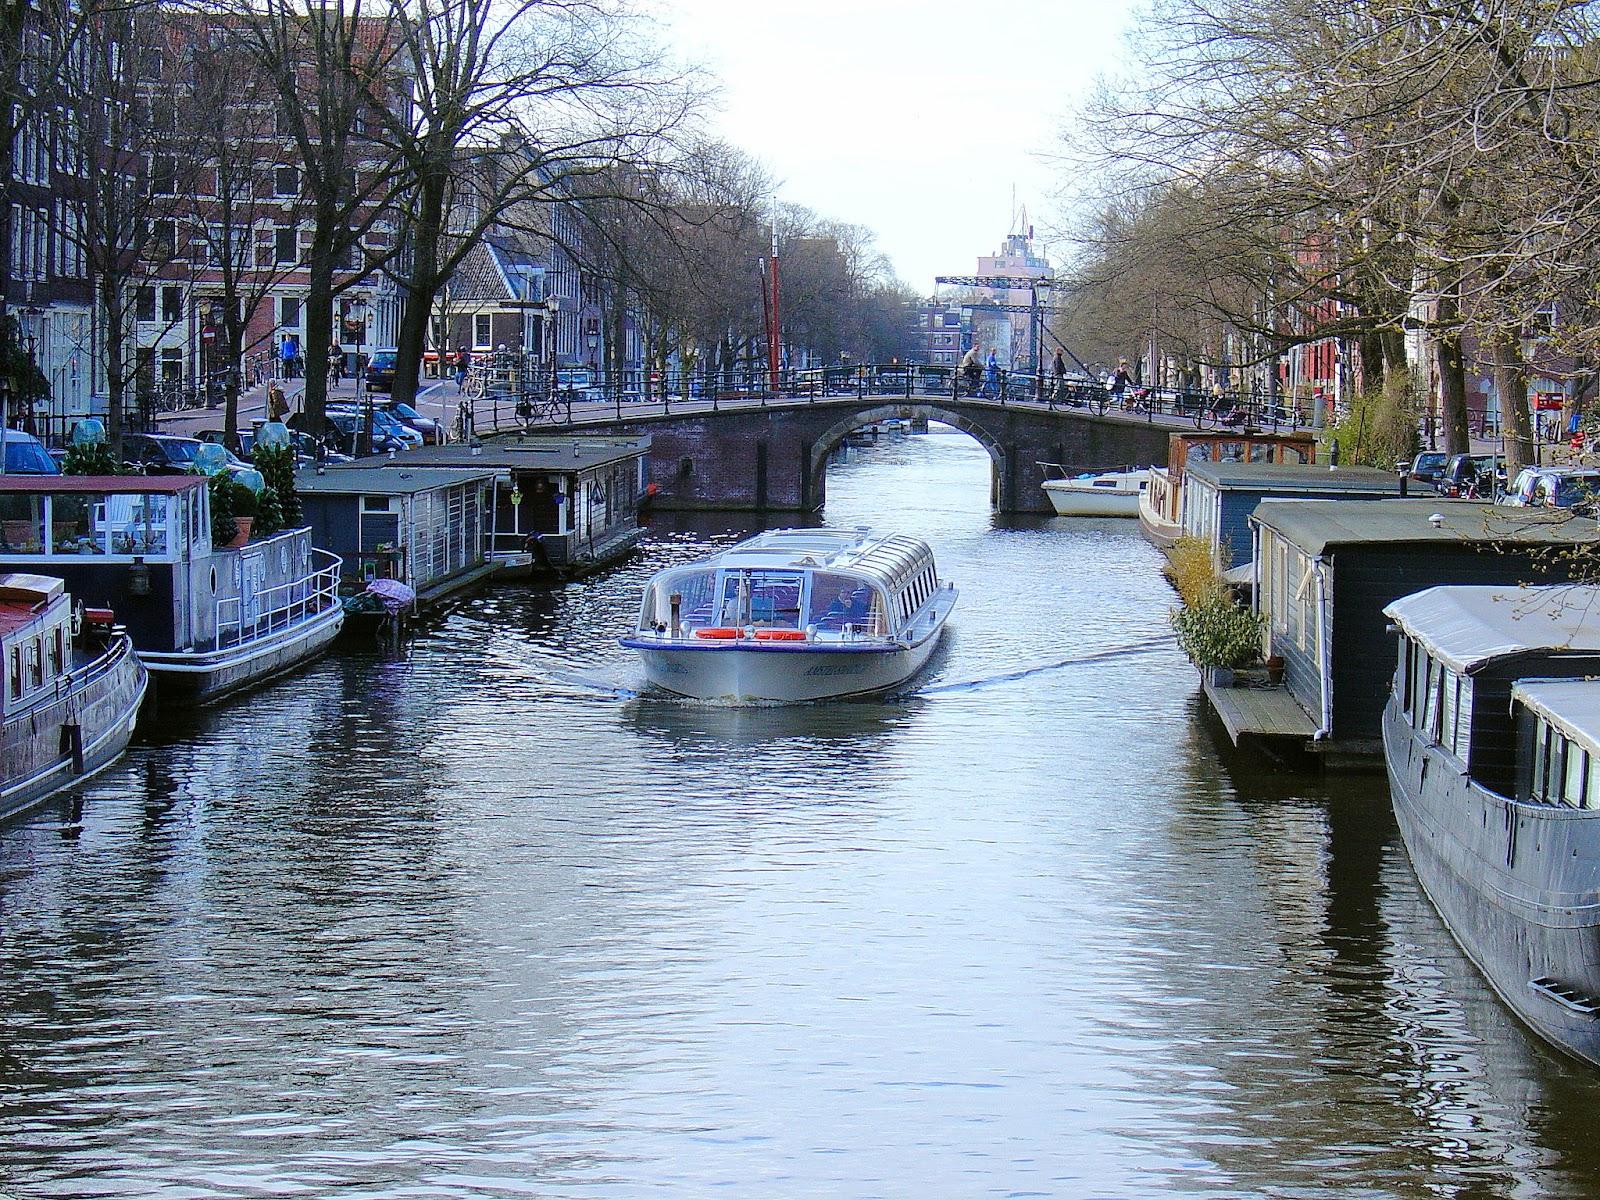 Рабочая поездка в Амстердам и отзыв о сим-карте Globalsim Direct